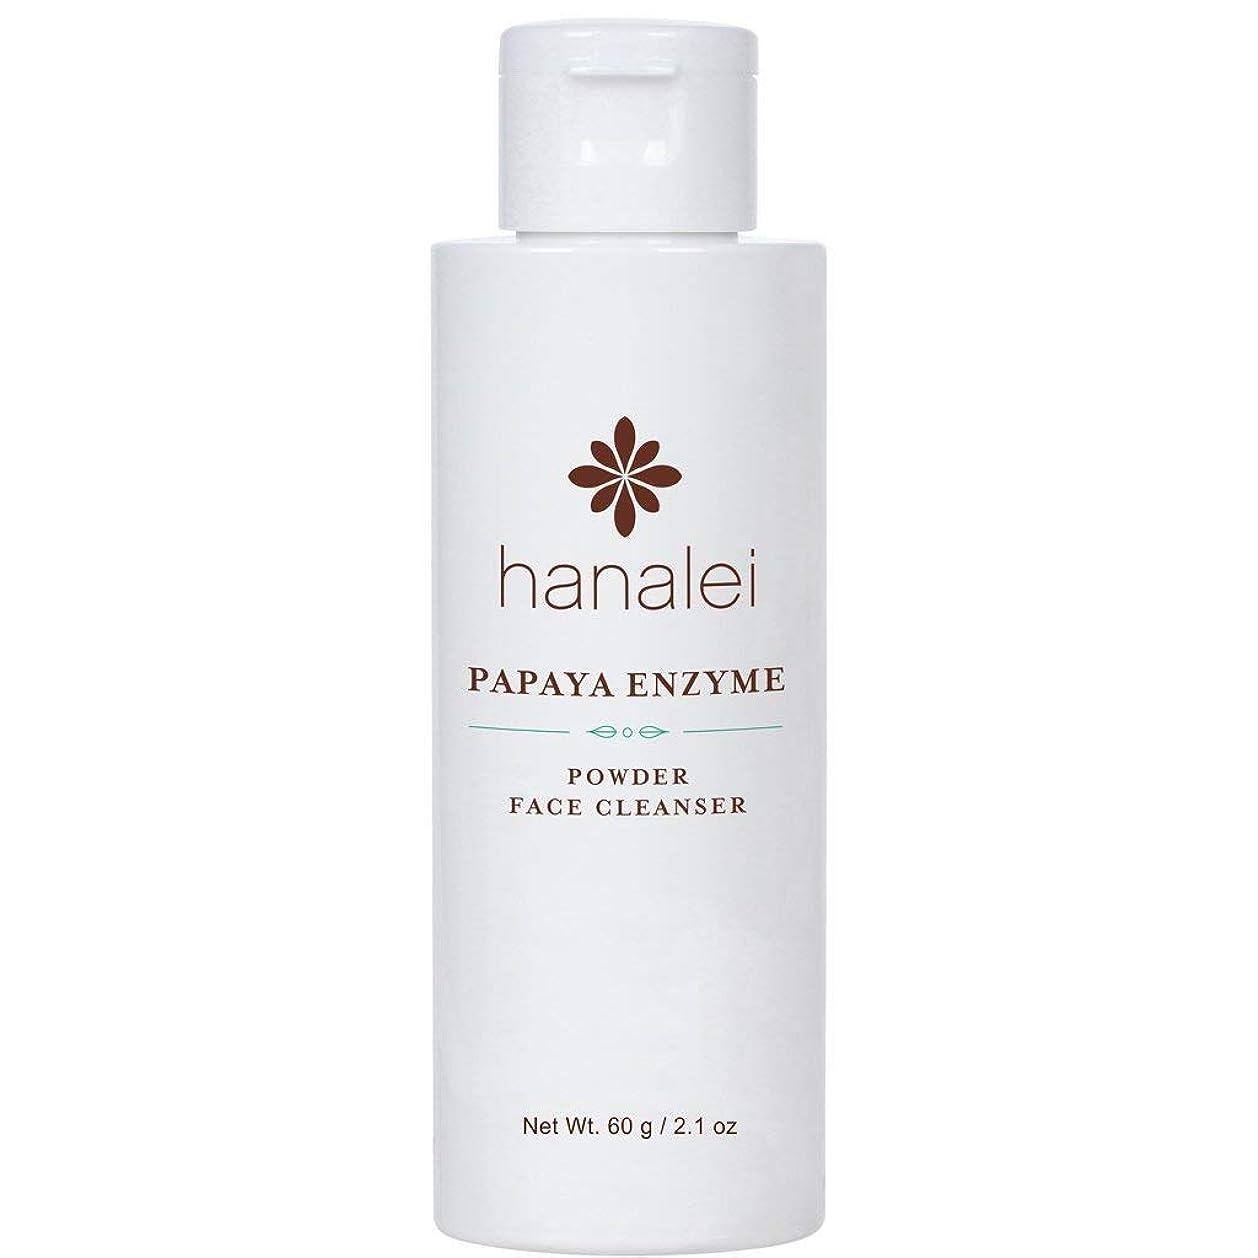 刈り取る定期的に証書Hanalei (ハナレイ)パパイヤ酵素洗顔料 (Papaya Enzyme Powder Facial Cleanser) (60g)